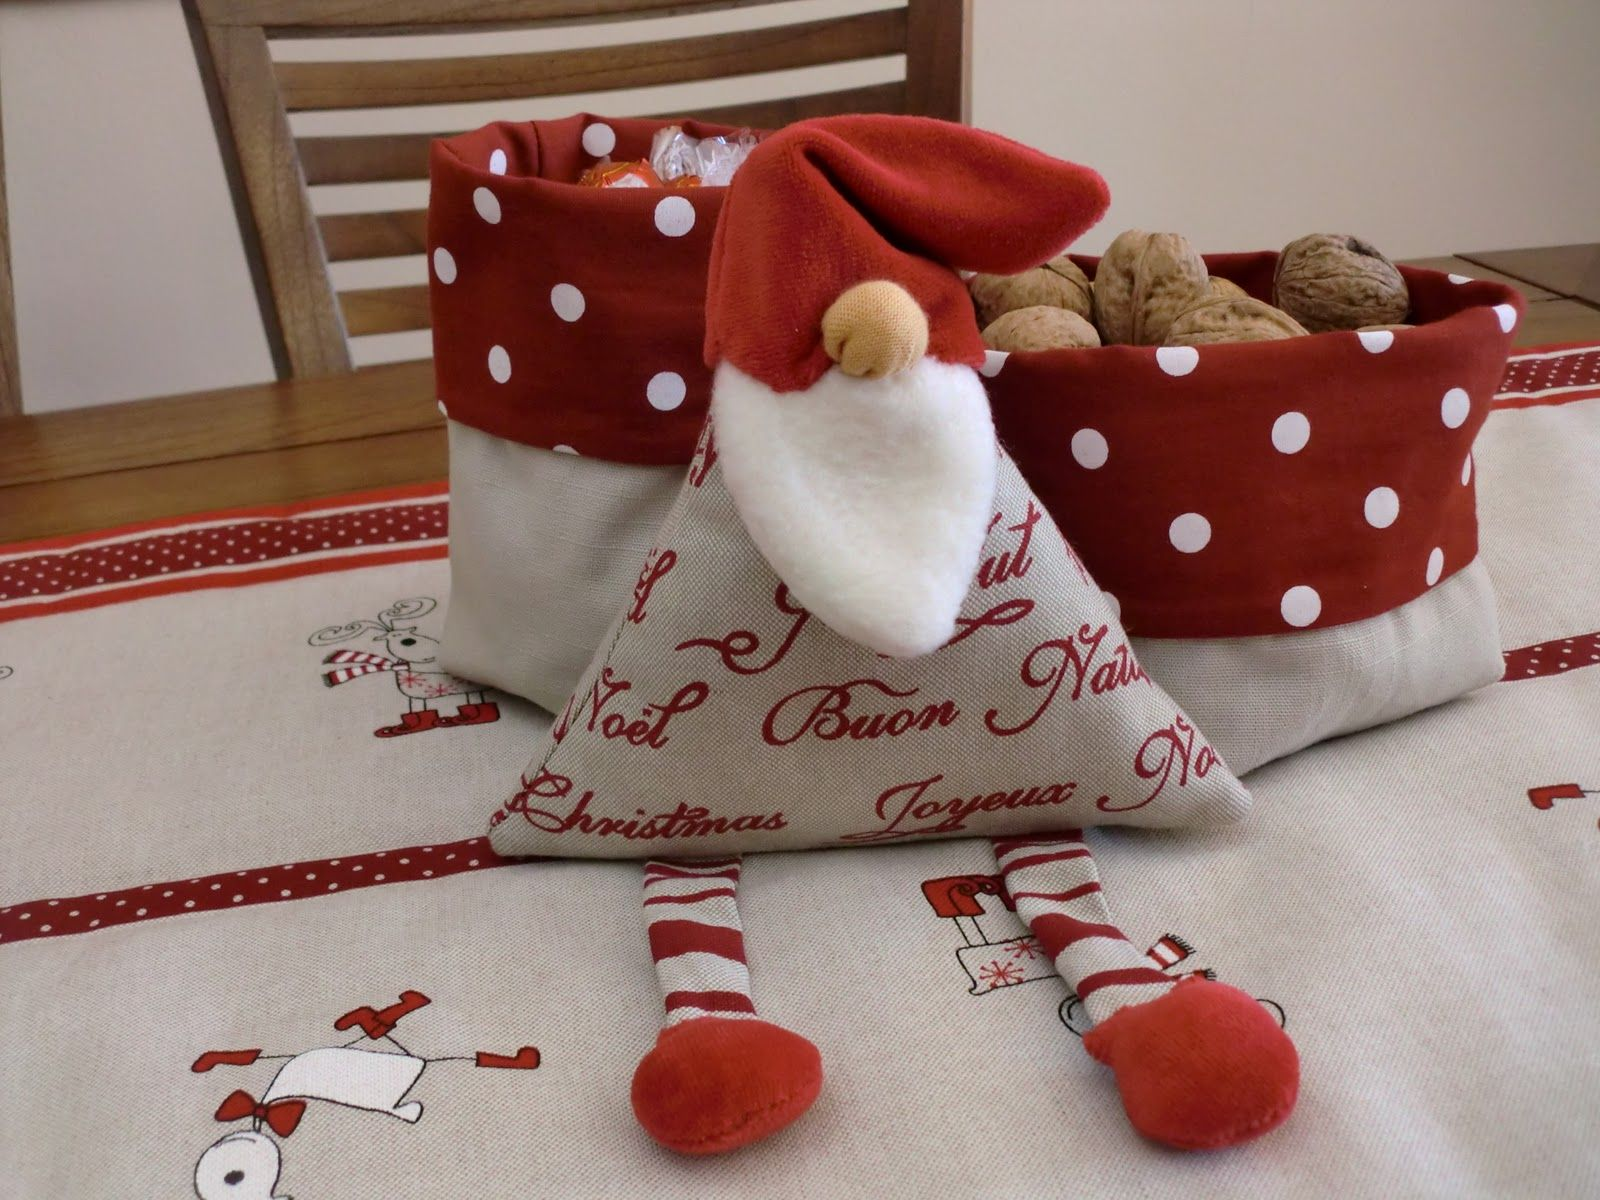 Pin von Mihaela Jacota auf Xmas | Pinterest | Nähen für weihnachten ...